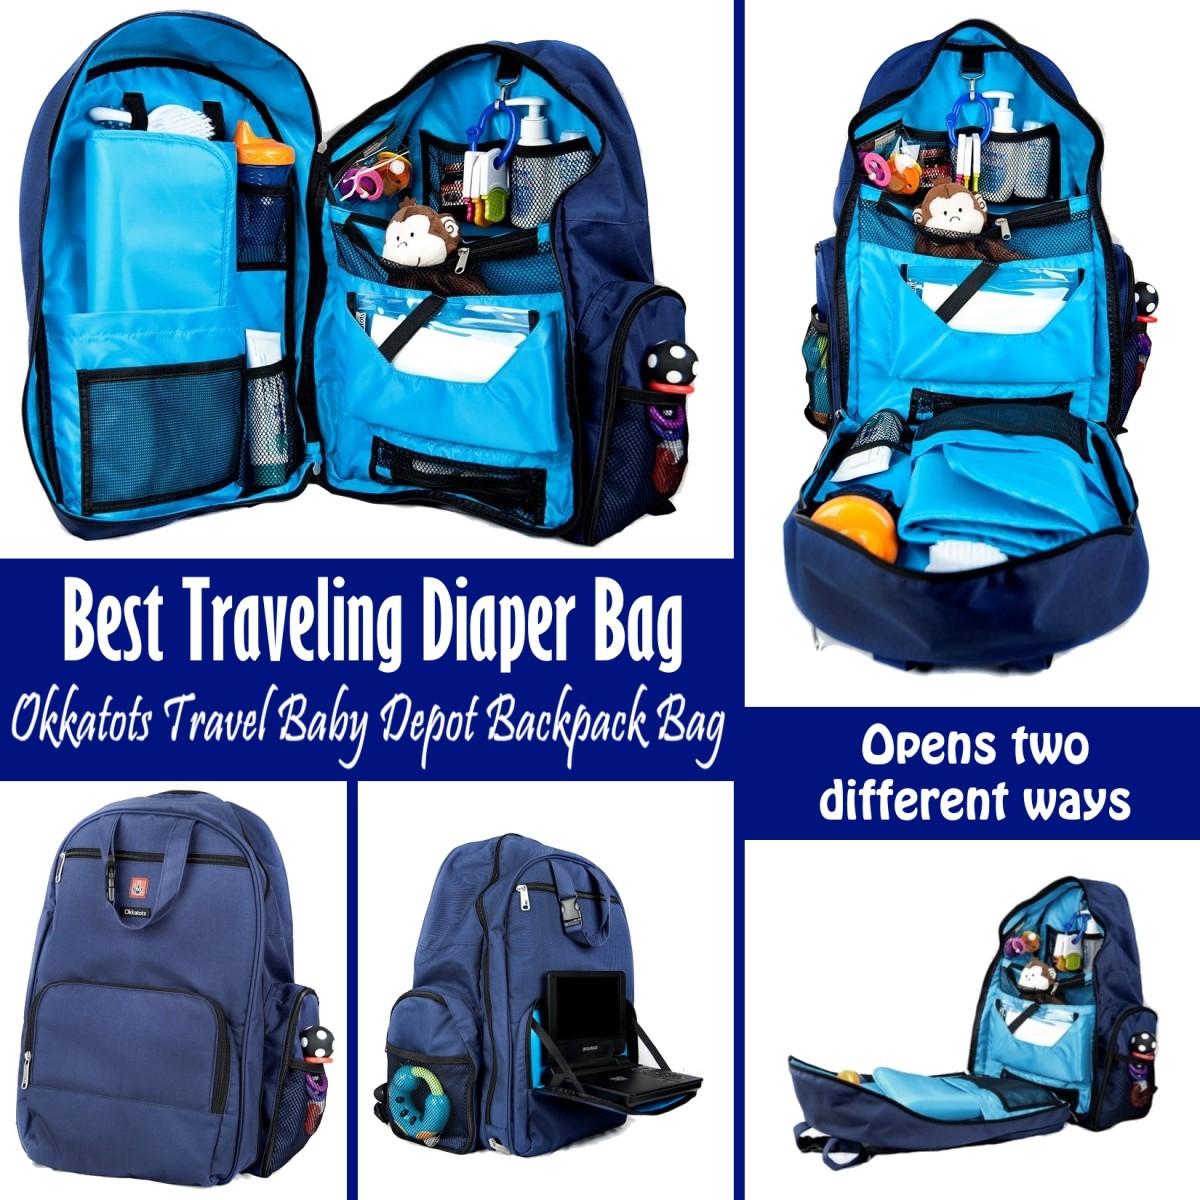 okkatots travel baby depot backpack bag reviews. Black Bedroom Furniture Sets. Home Design Ideas